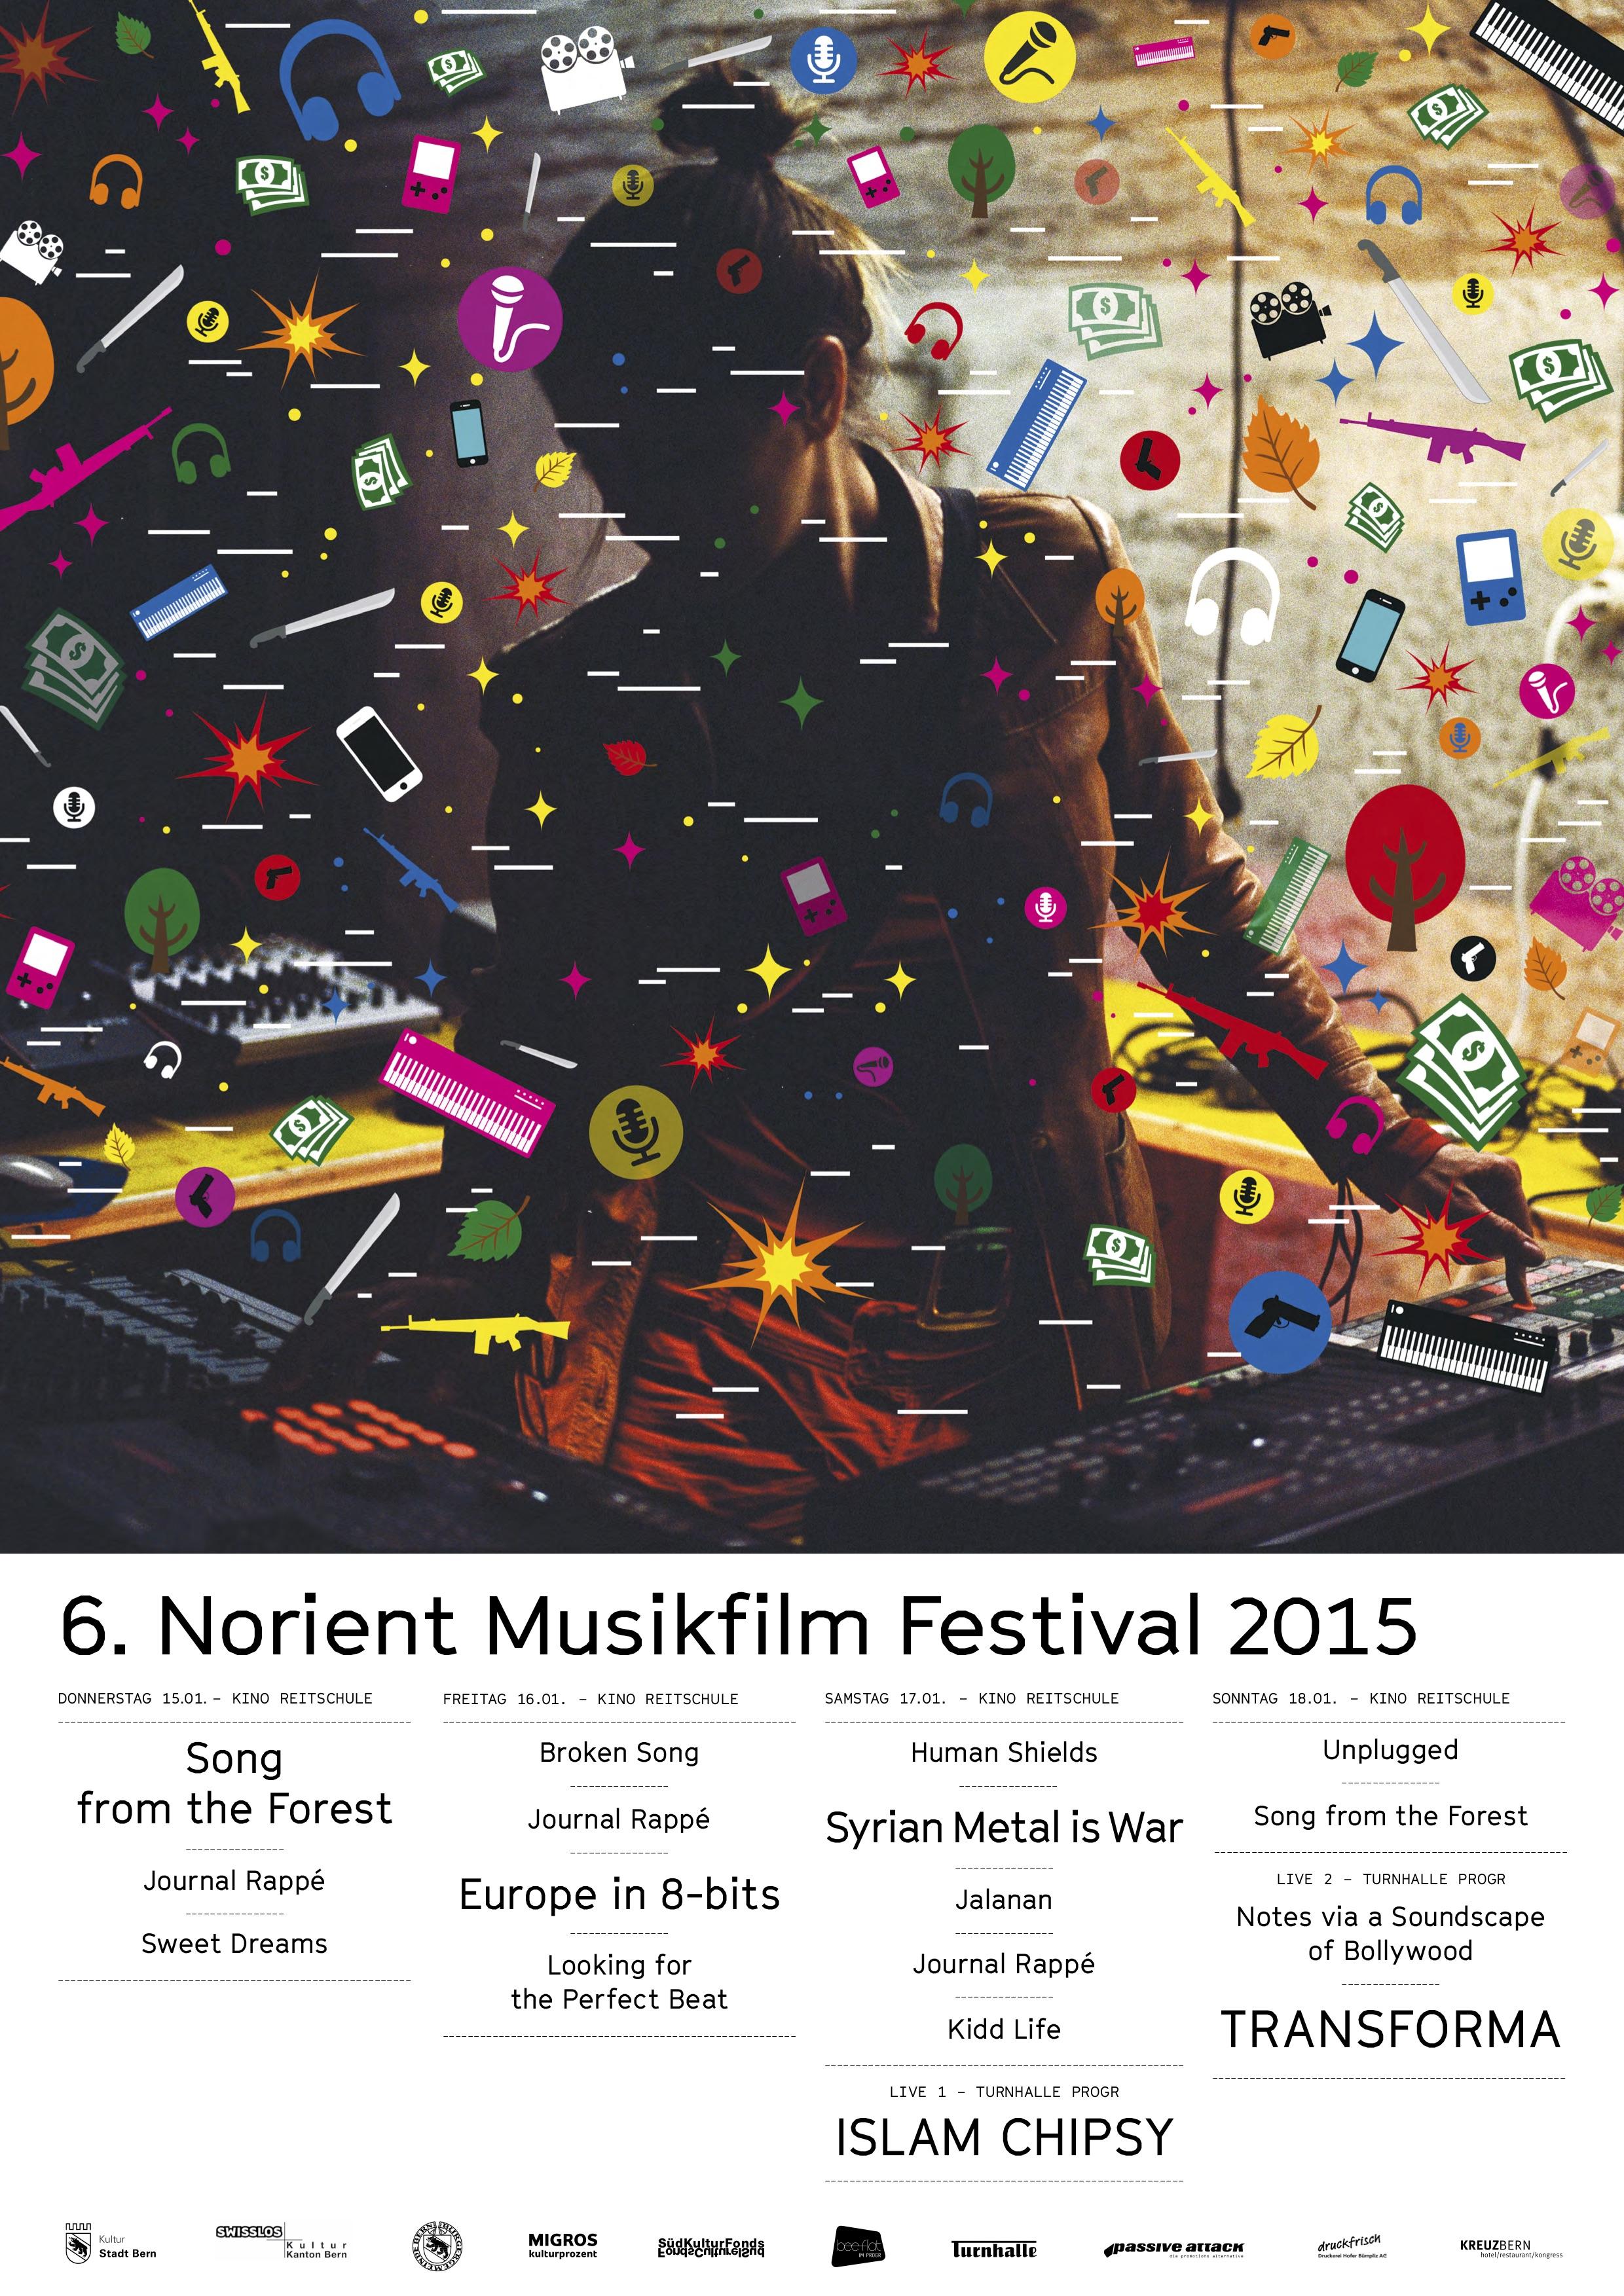 Download festival poster 2015 Art Design: Artemproot (Ukraine), Michael Pfister & Irena Germano (Switzerland)